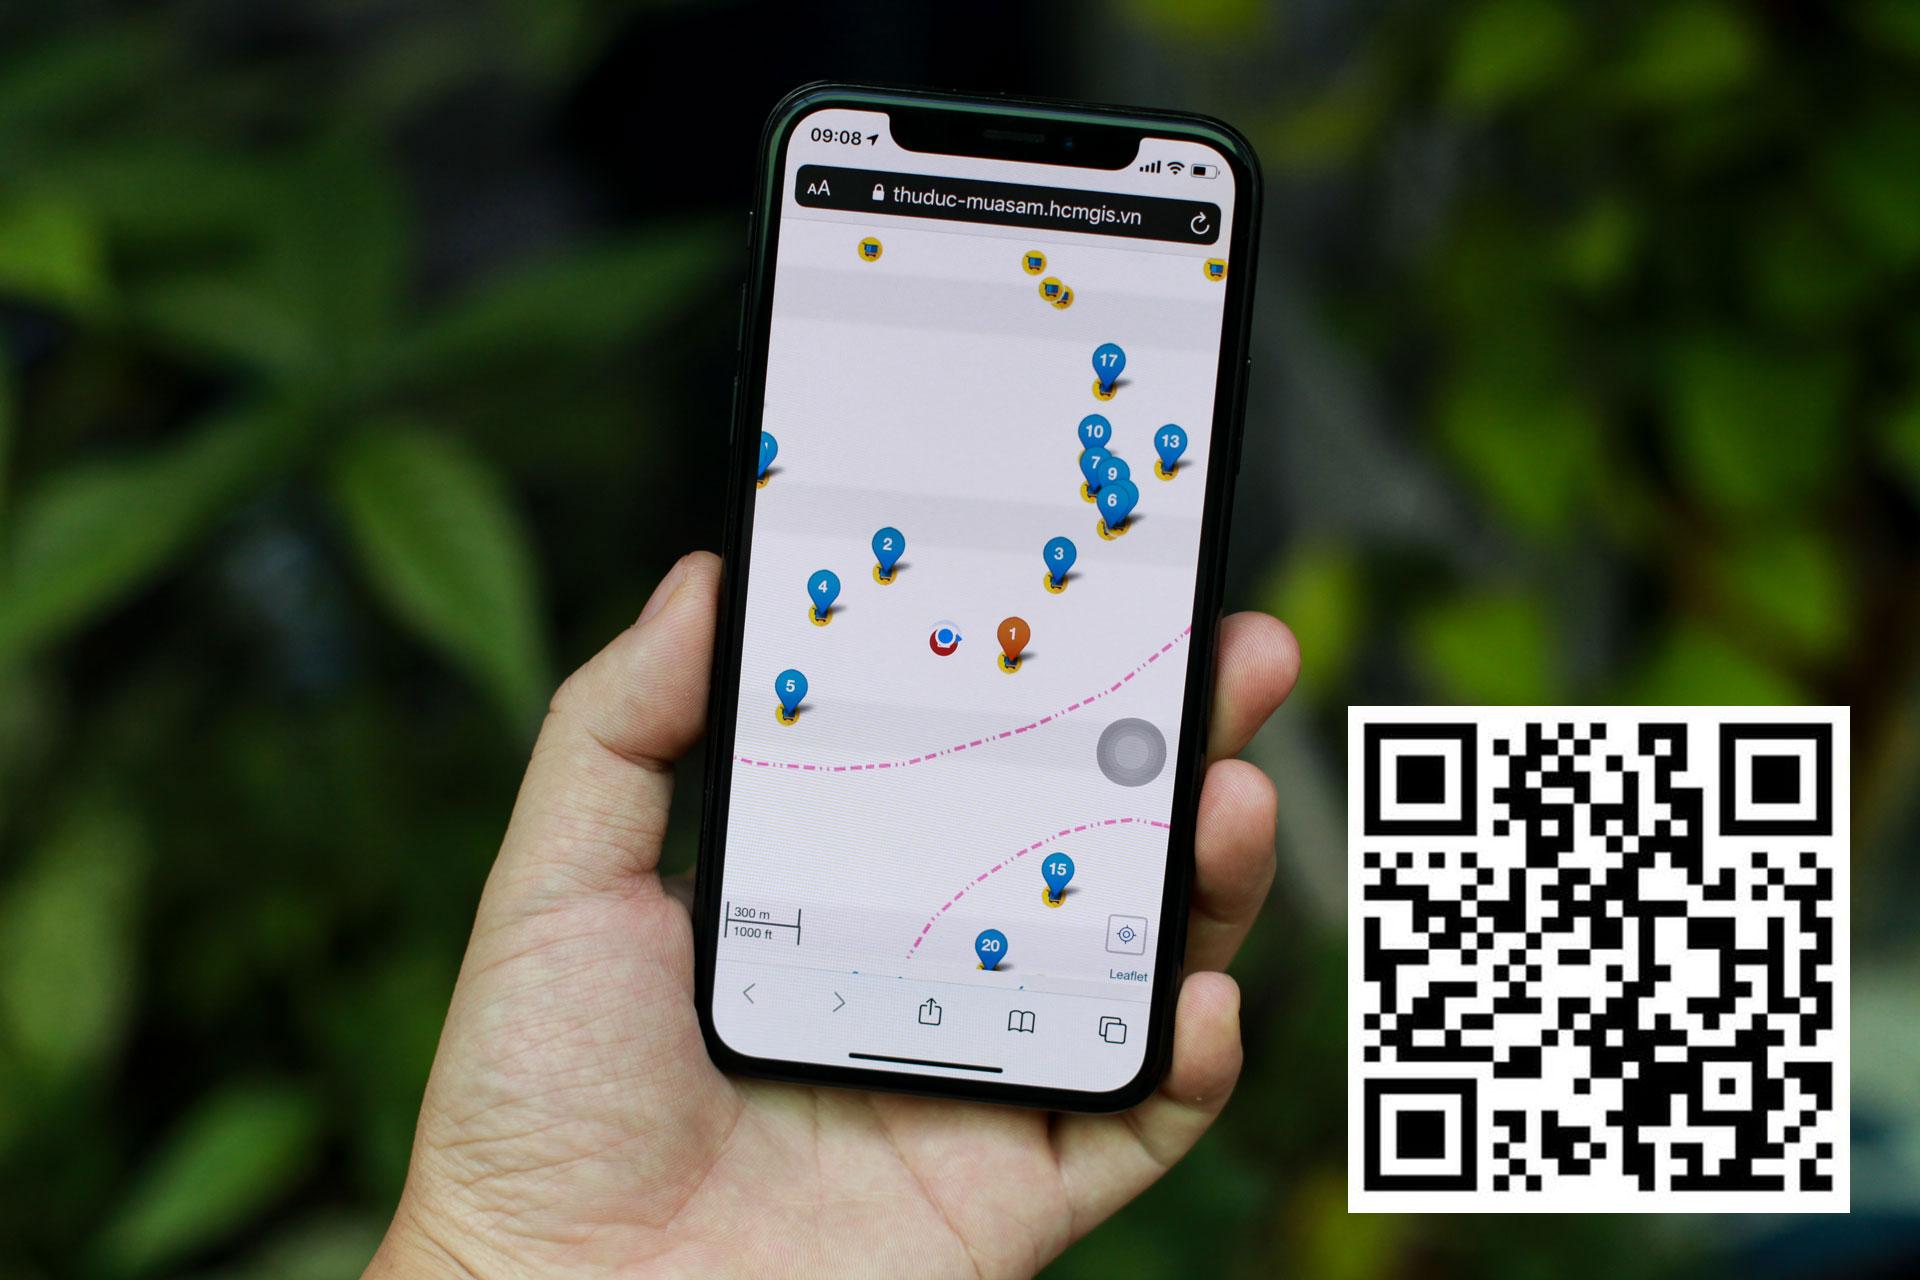 Người dân có thể truy cập đường link hoặc quét mã QR (góc phải) để sử dụng bản đồ đi chợ trực tuyến.